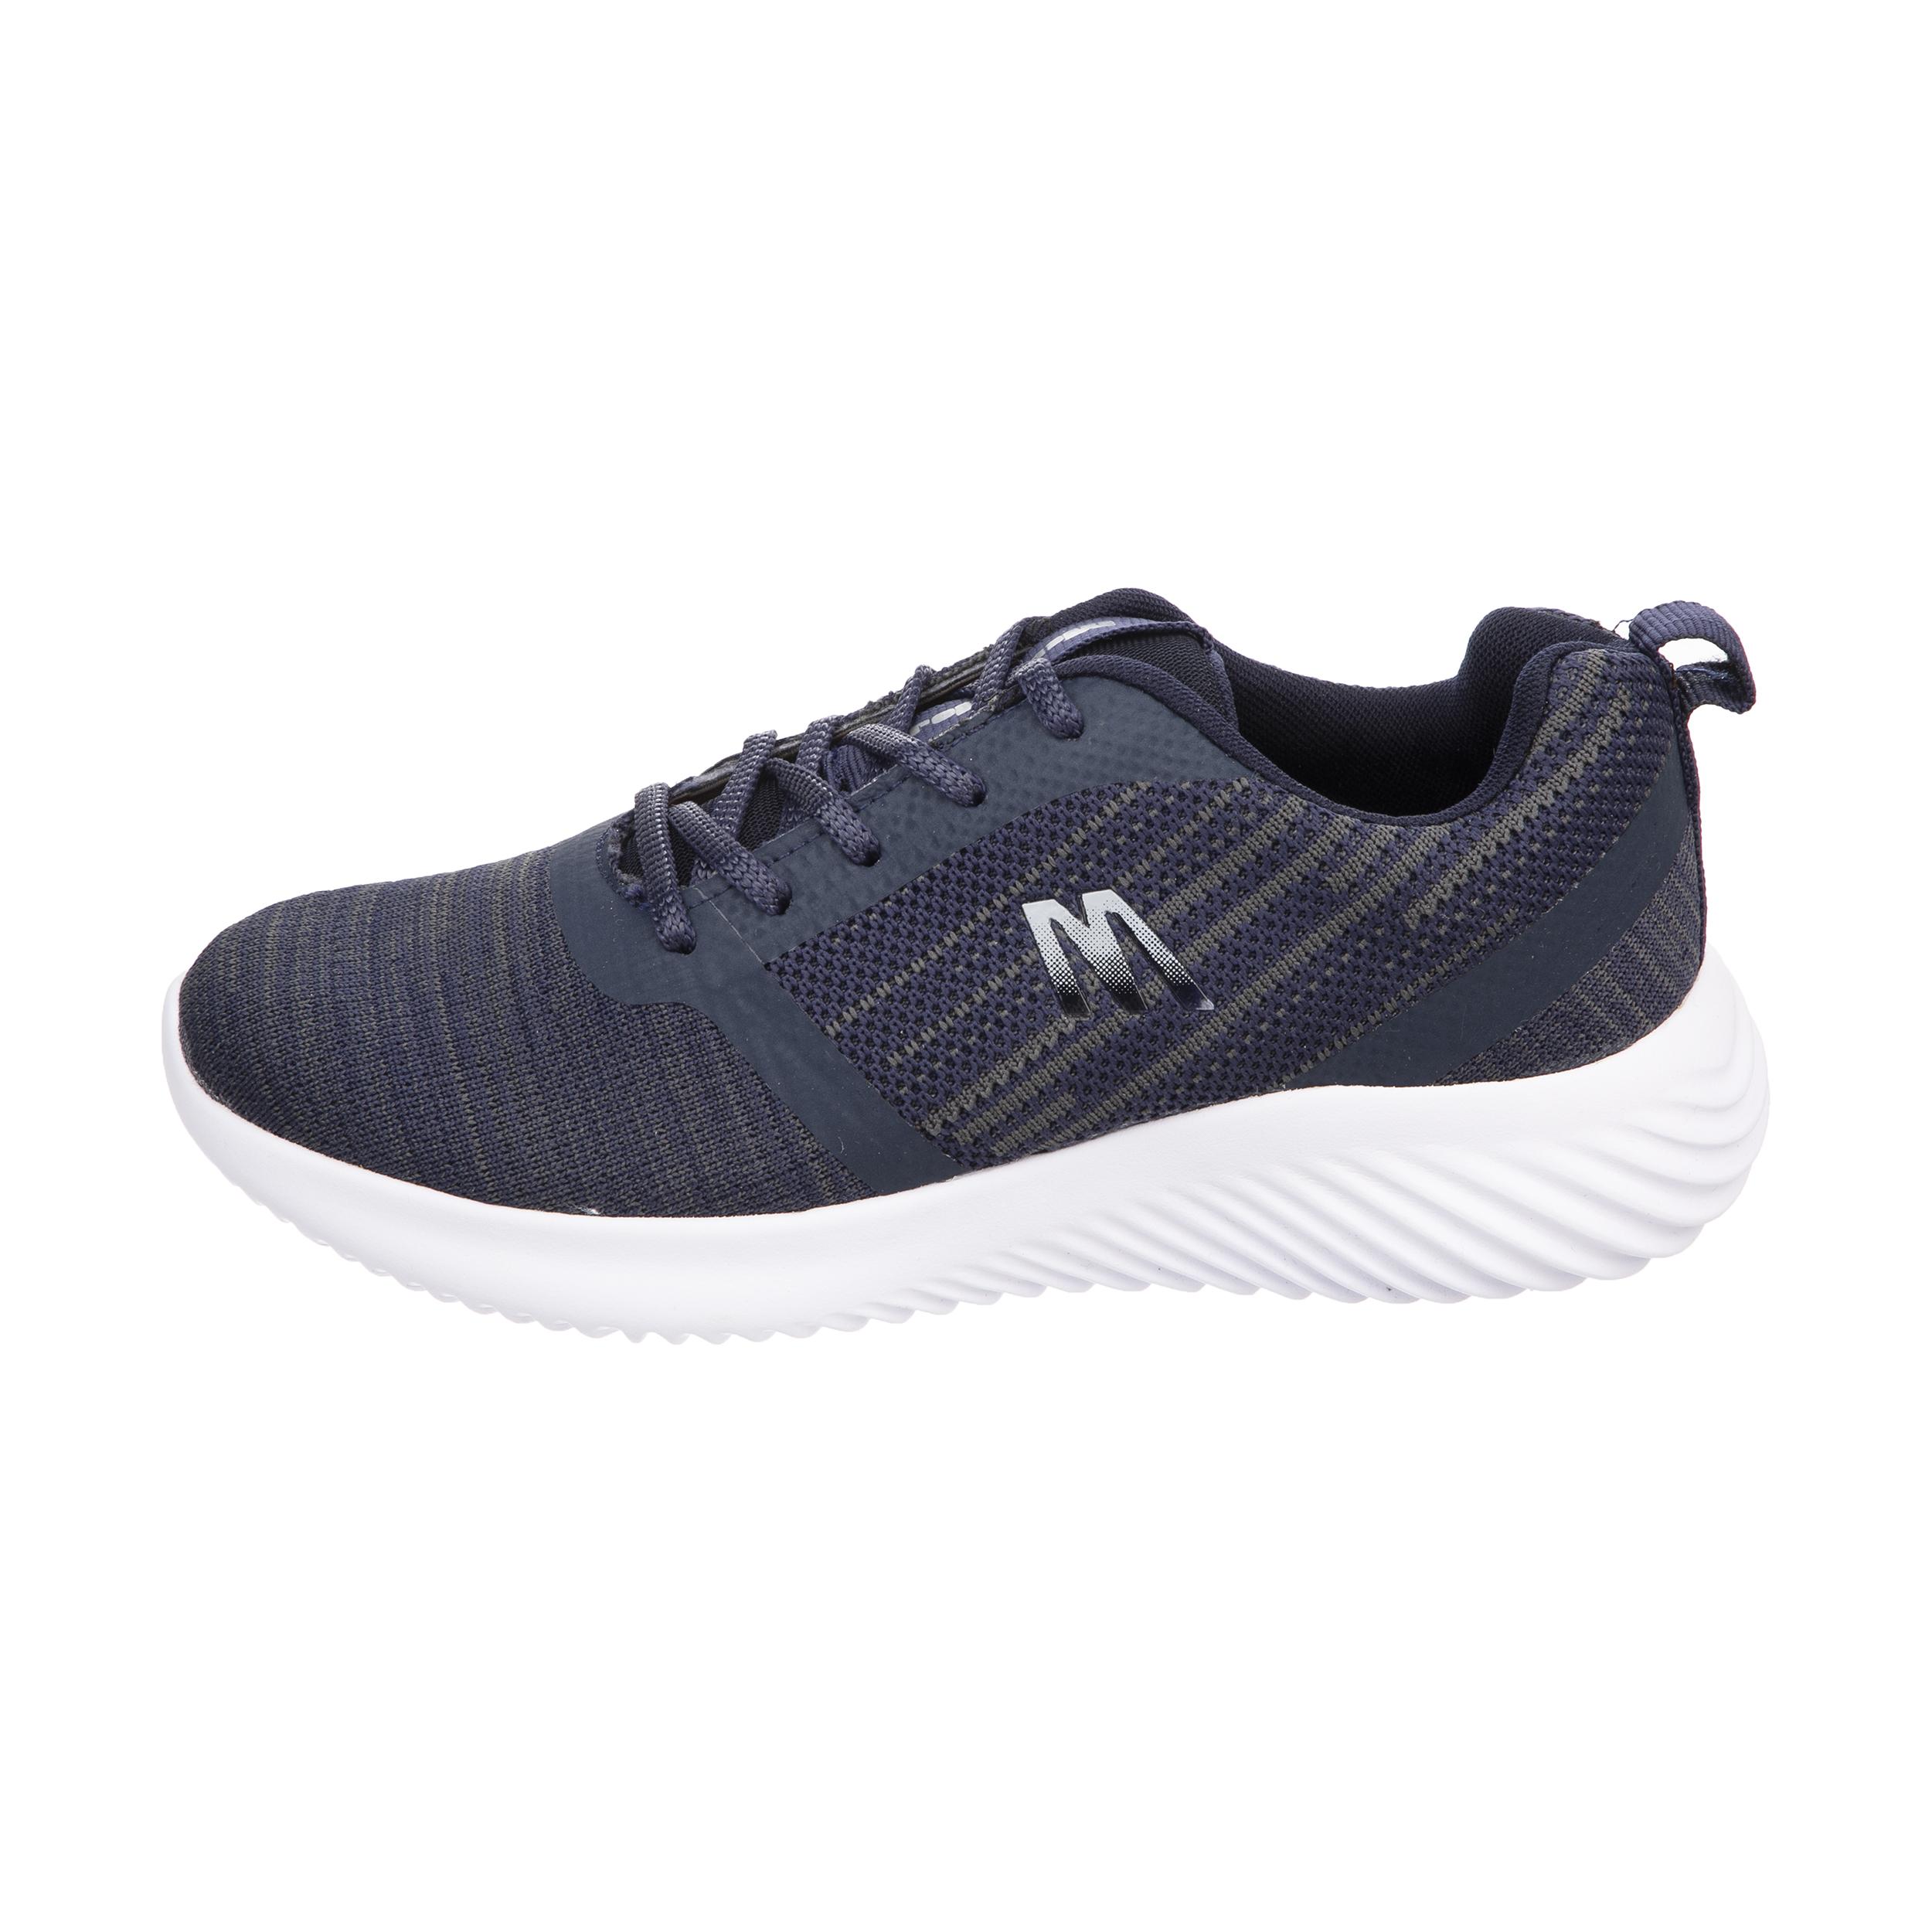 کفش مخصوص پیاده روی زنانه مل اند موژ کد W222-400-2